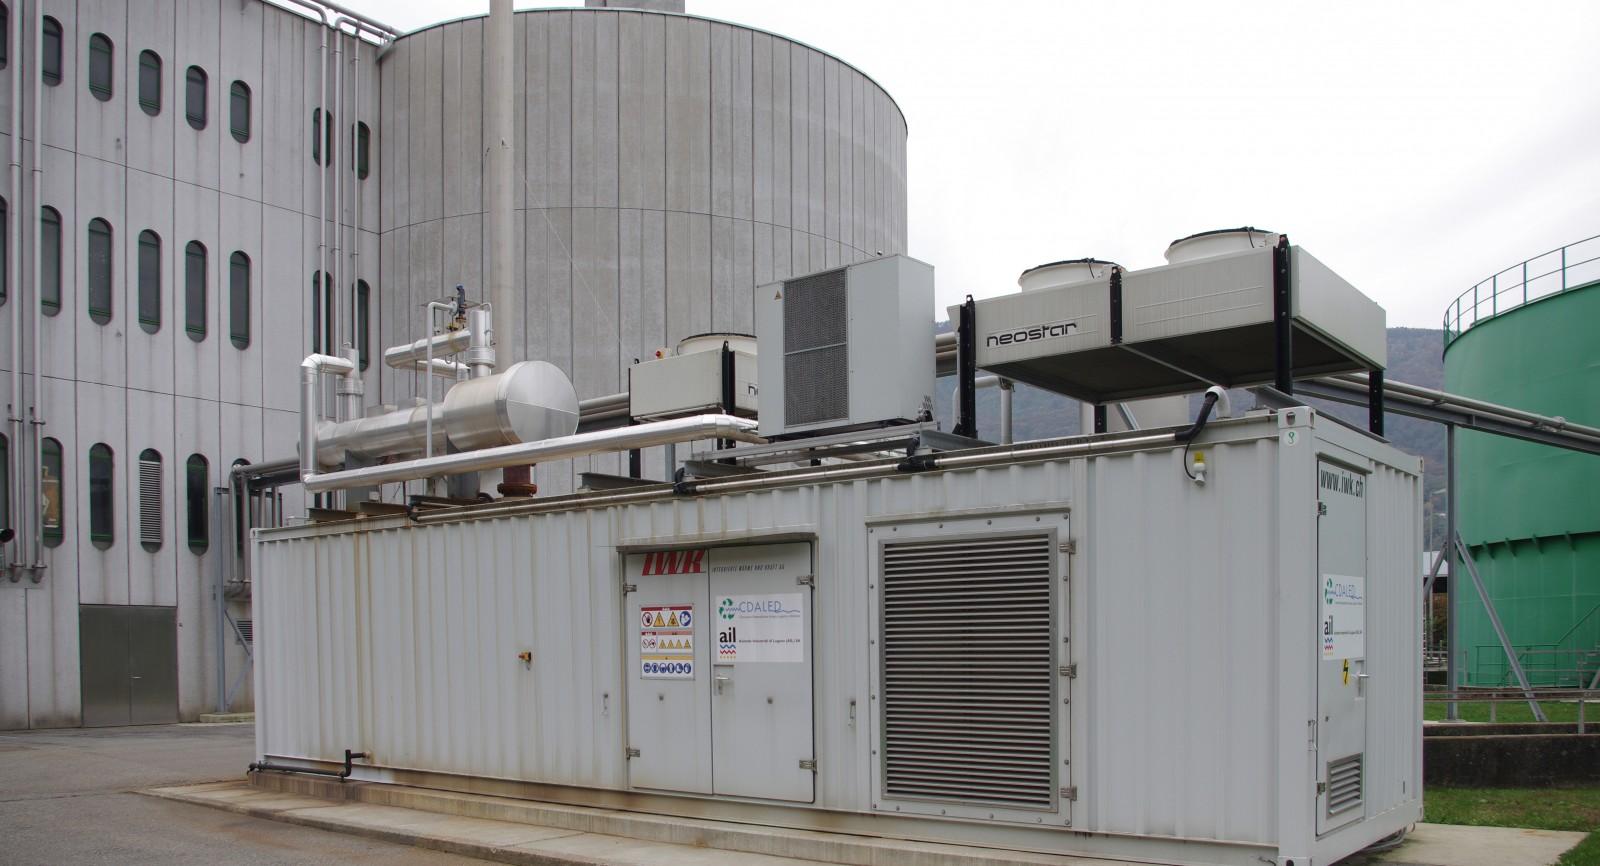 Die Abwasserreinigungsanlage in Bioggio weist ein Einzugsgebiet von deutlich über 180'000 Einwohnern auf. Das entstehende Klärgas wird mit dem BHKW genutzt.